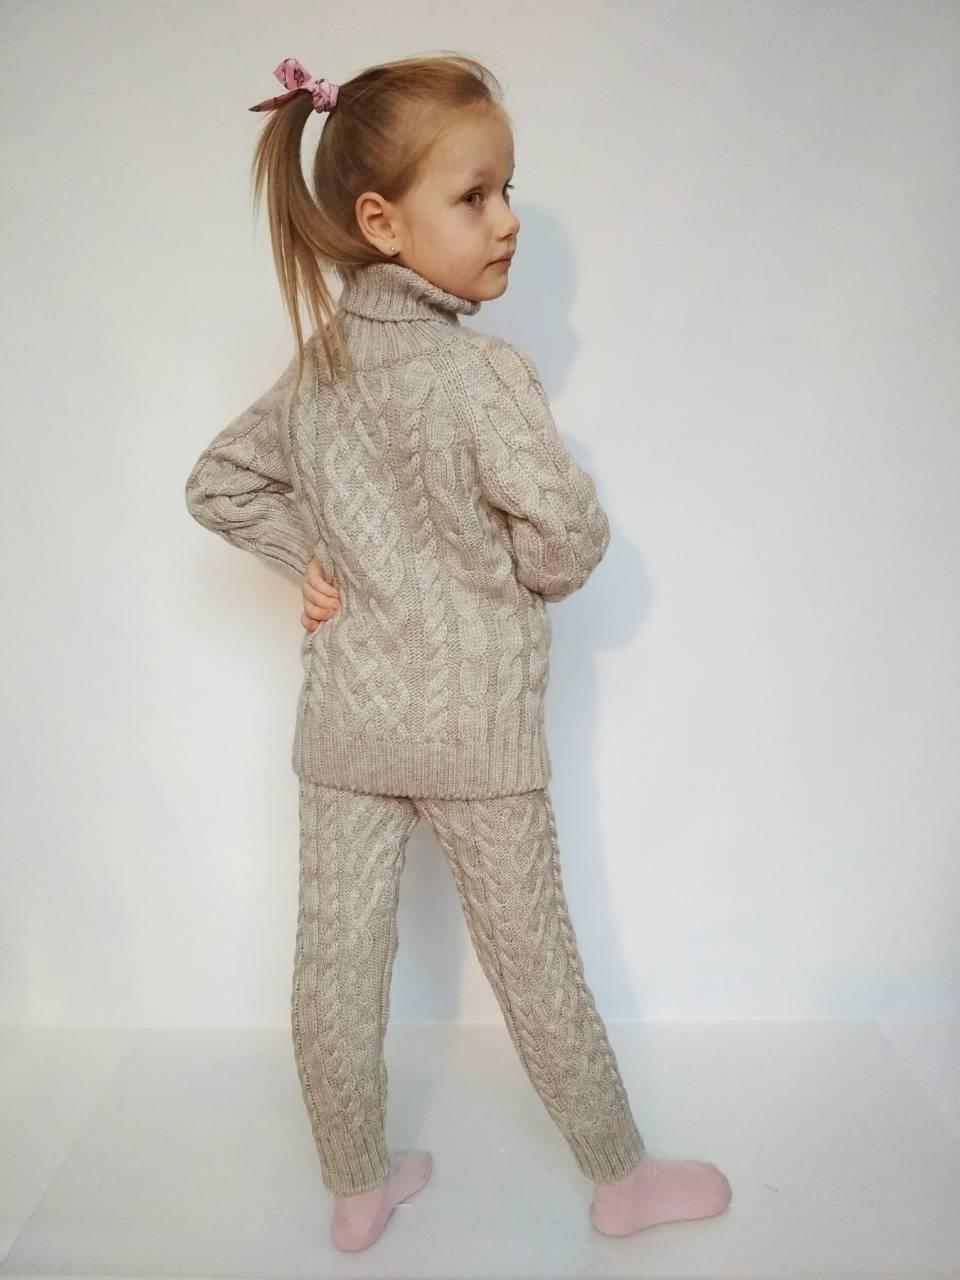 теплый вязаный костюм на девочку бежевого цвета за 450 грн в